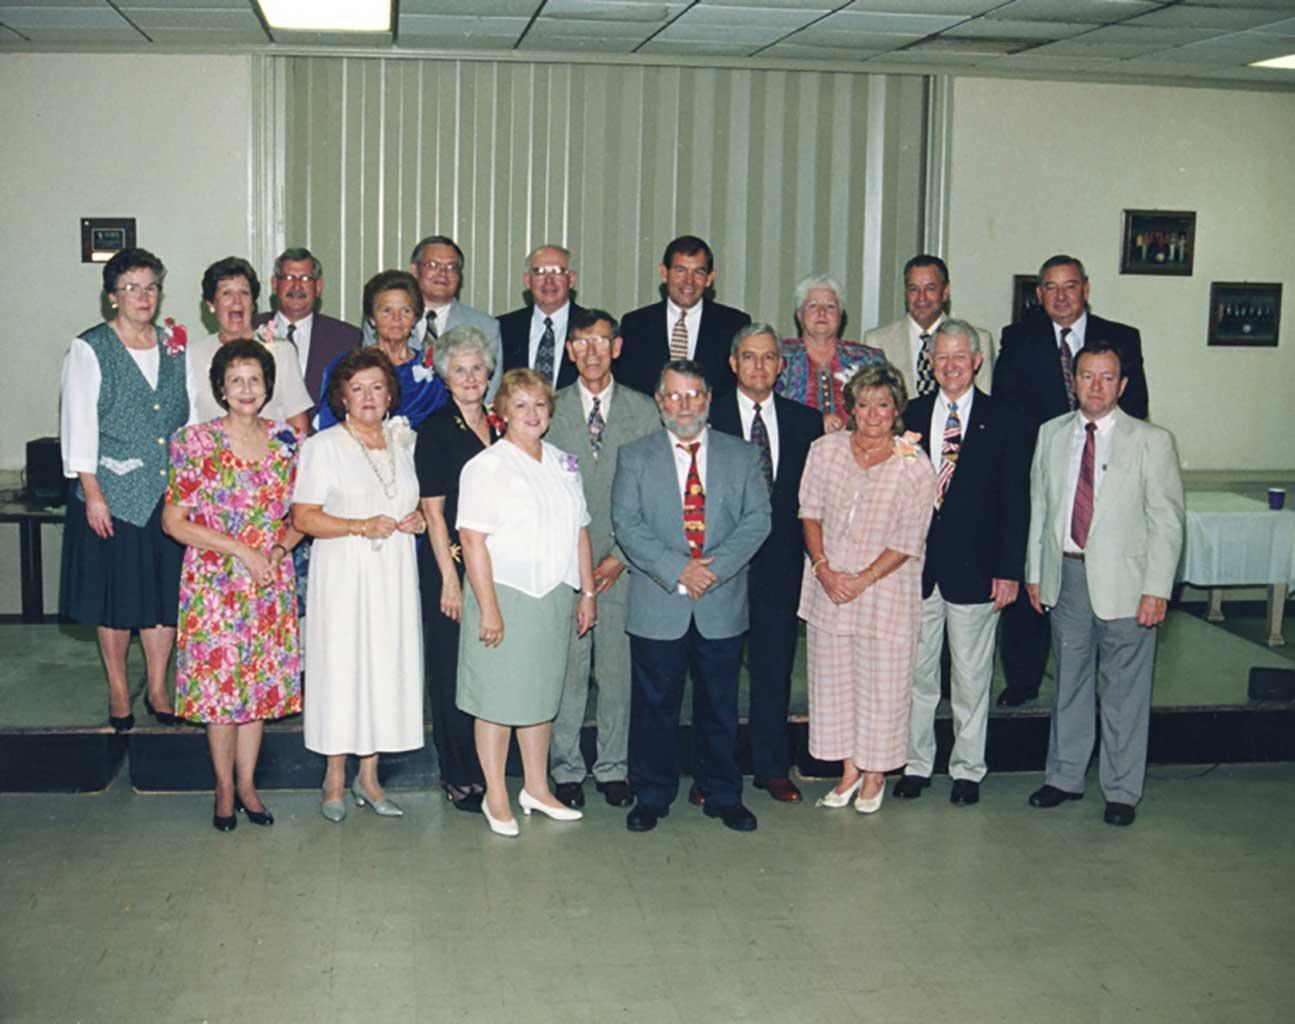 chs-class-1956-reunion-img109